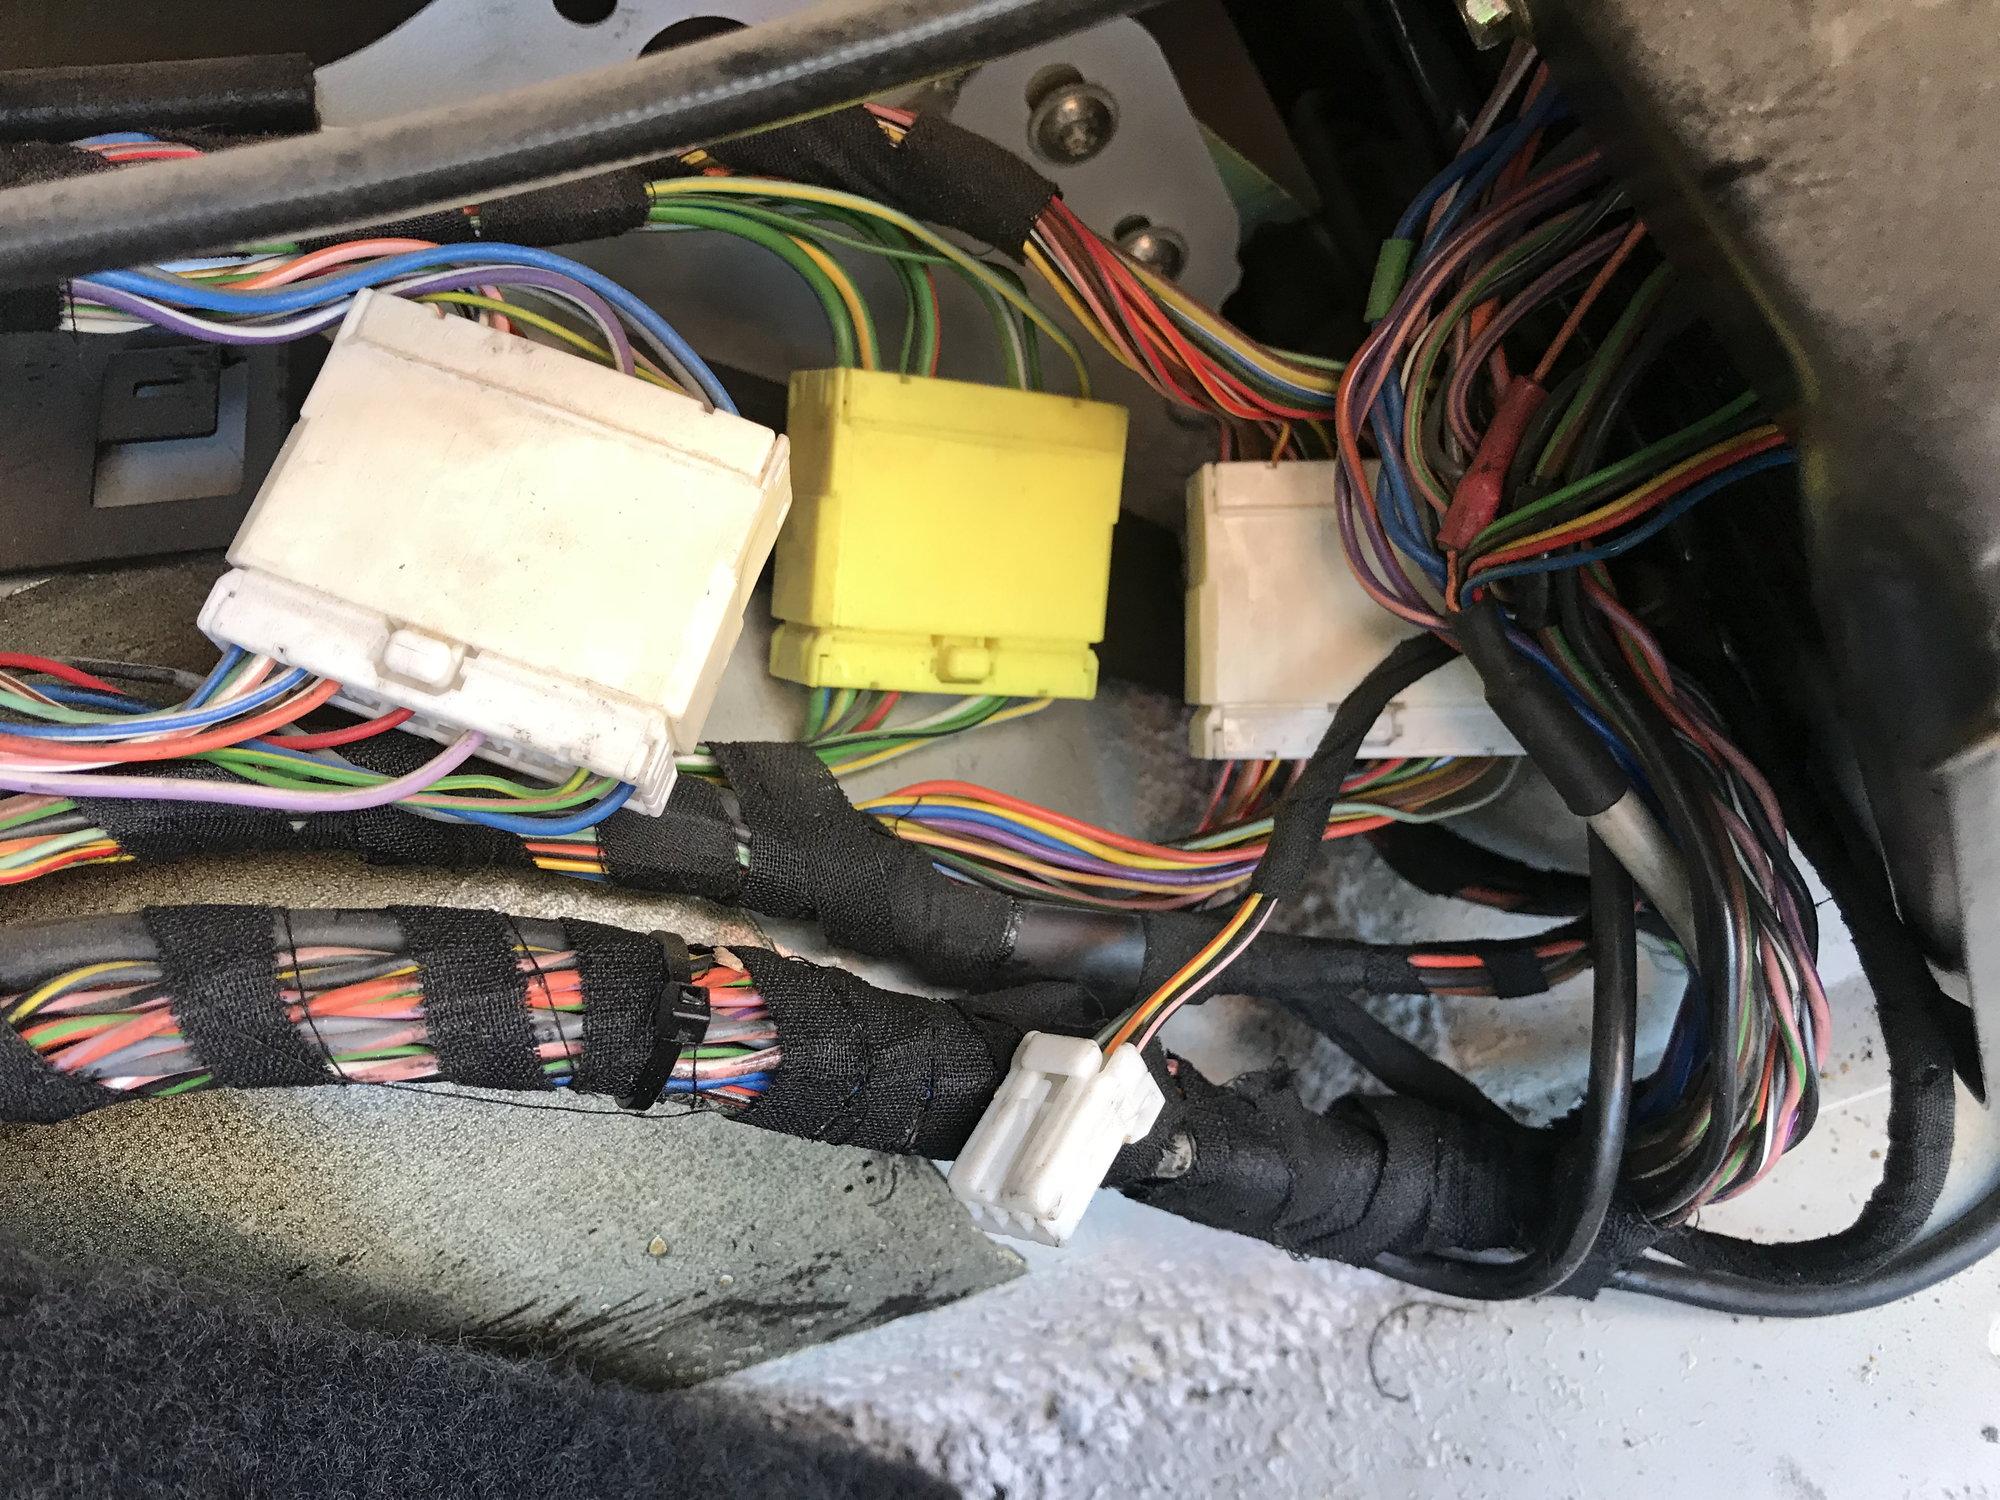 Car Audio Wire Diagram Codes Jaguar Factory Car Stereo Repair Bose